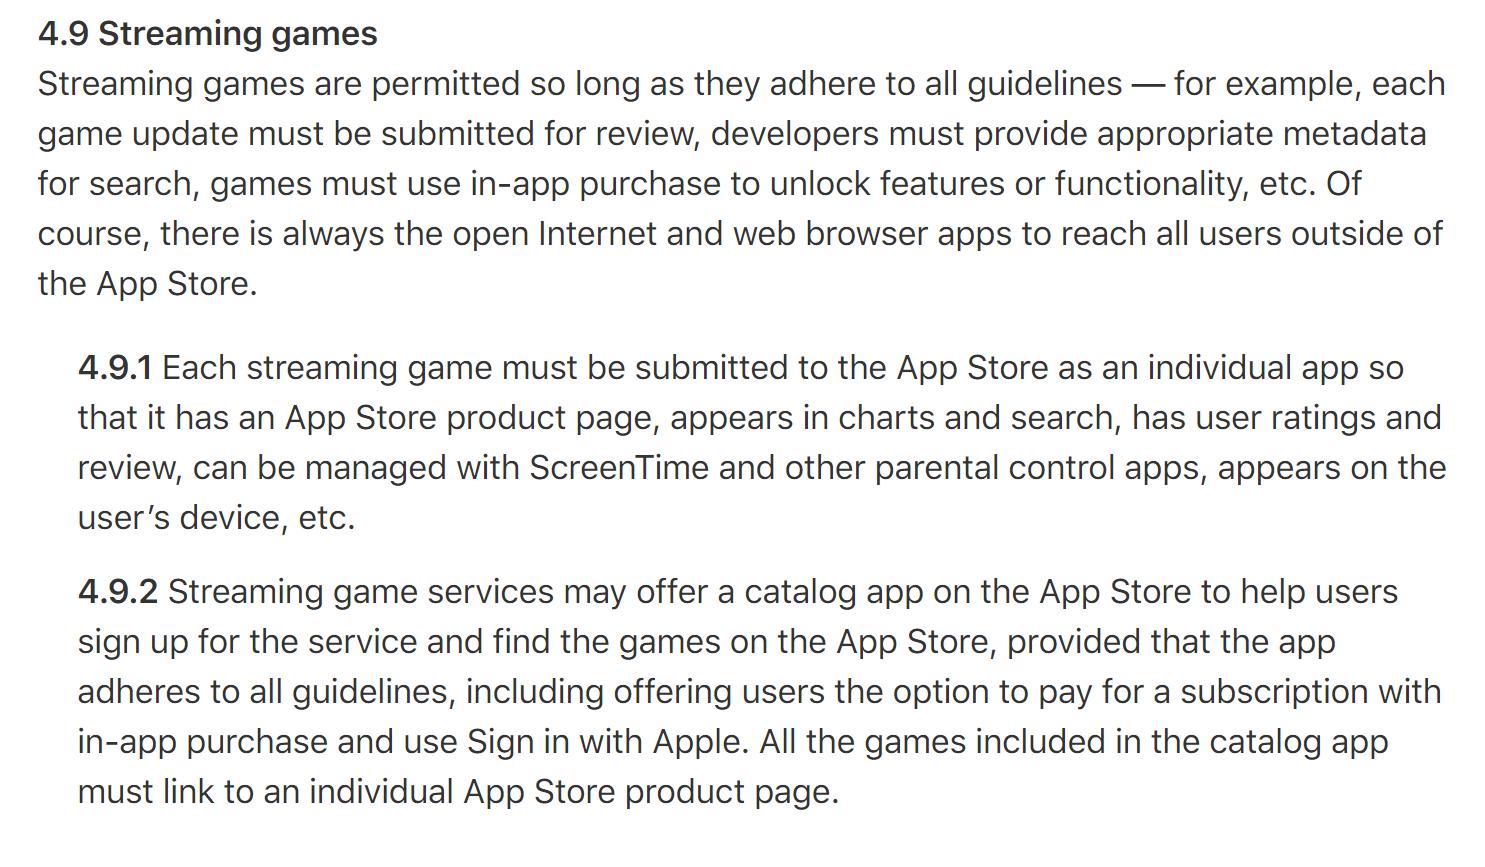 """苹果更新应用商店审核指南:新增""""云游戏""""平台上架标准 游戏下载必须走App Store渠道"""